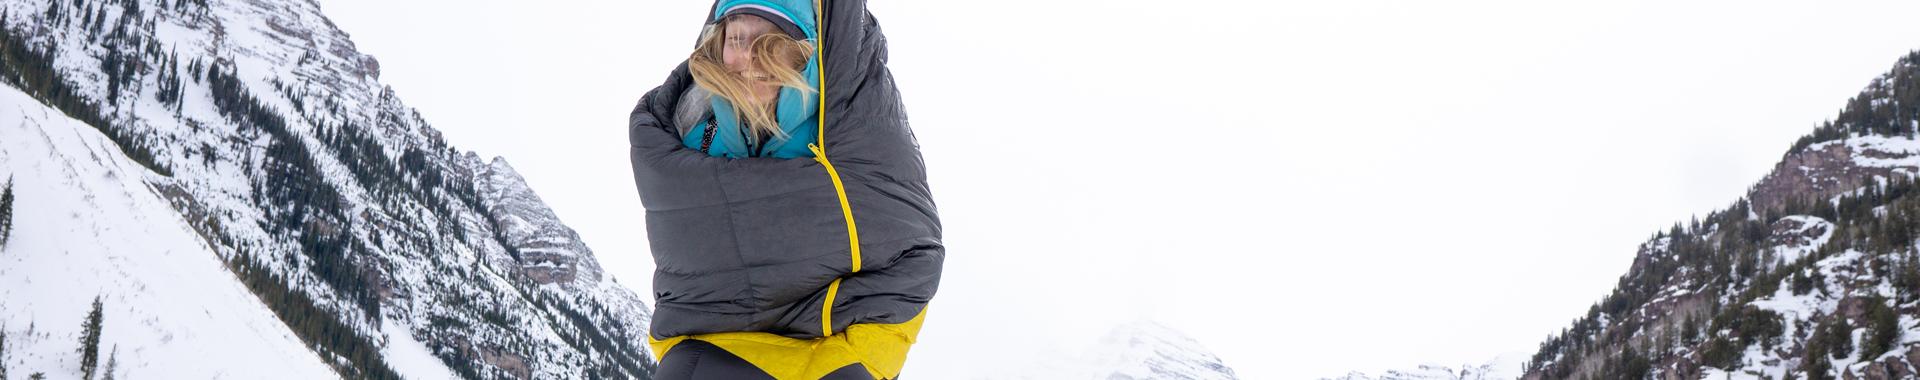 Woman wearing a Sierra Designs sleeping bag